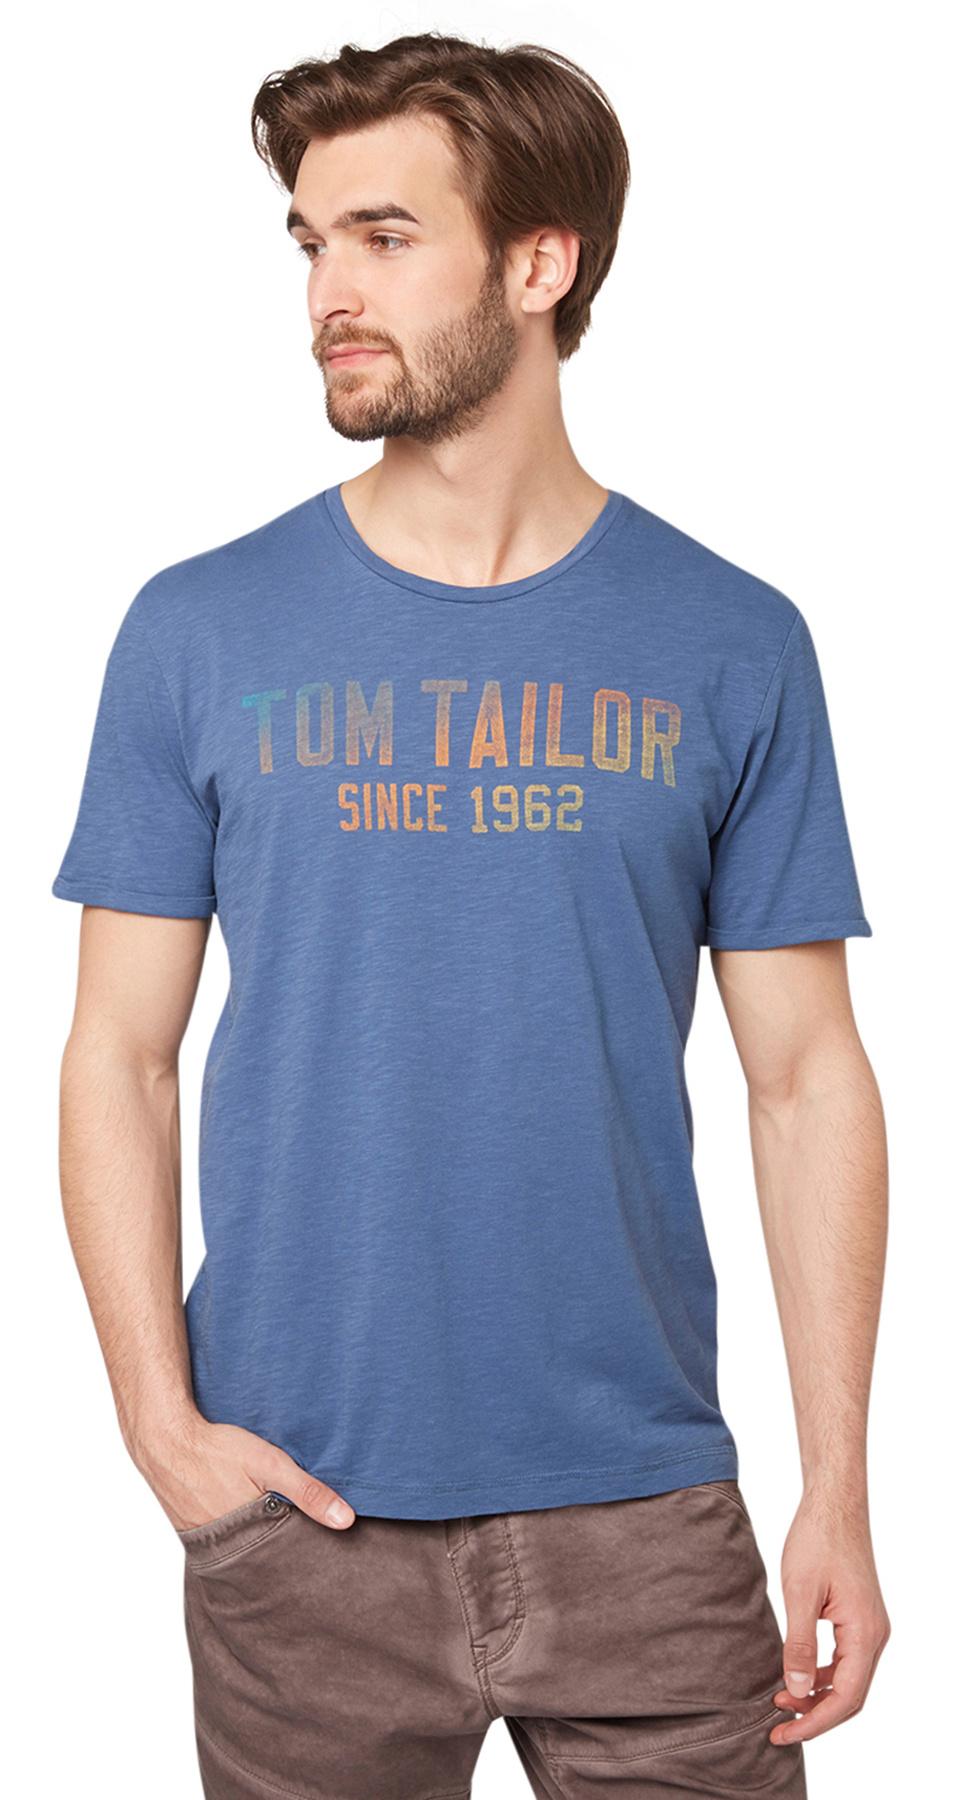 Tom Tailor pánské triko 10350006210/6865 Modrá XXL